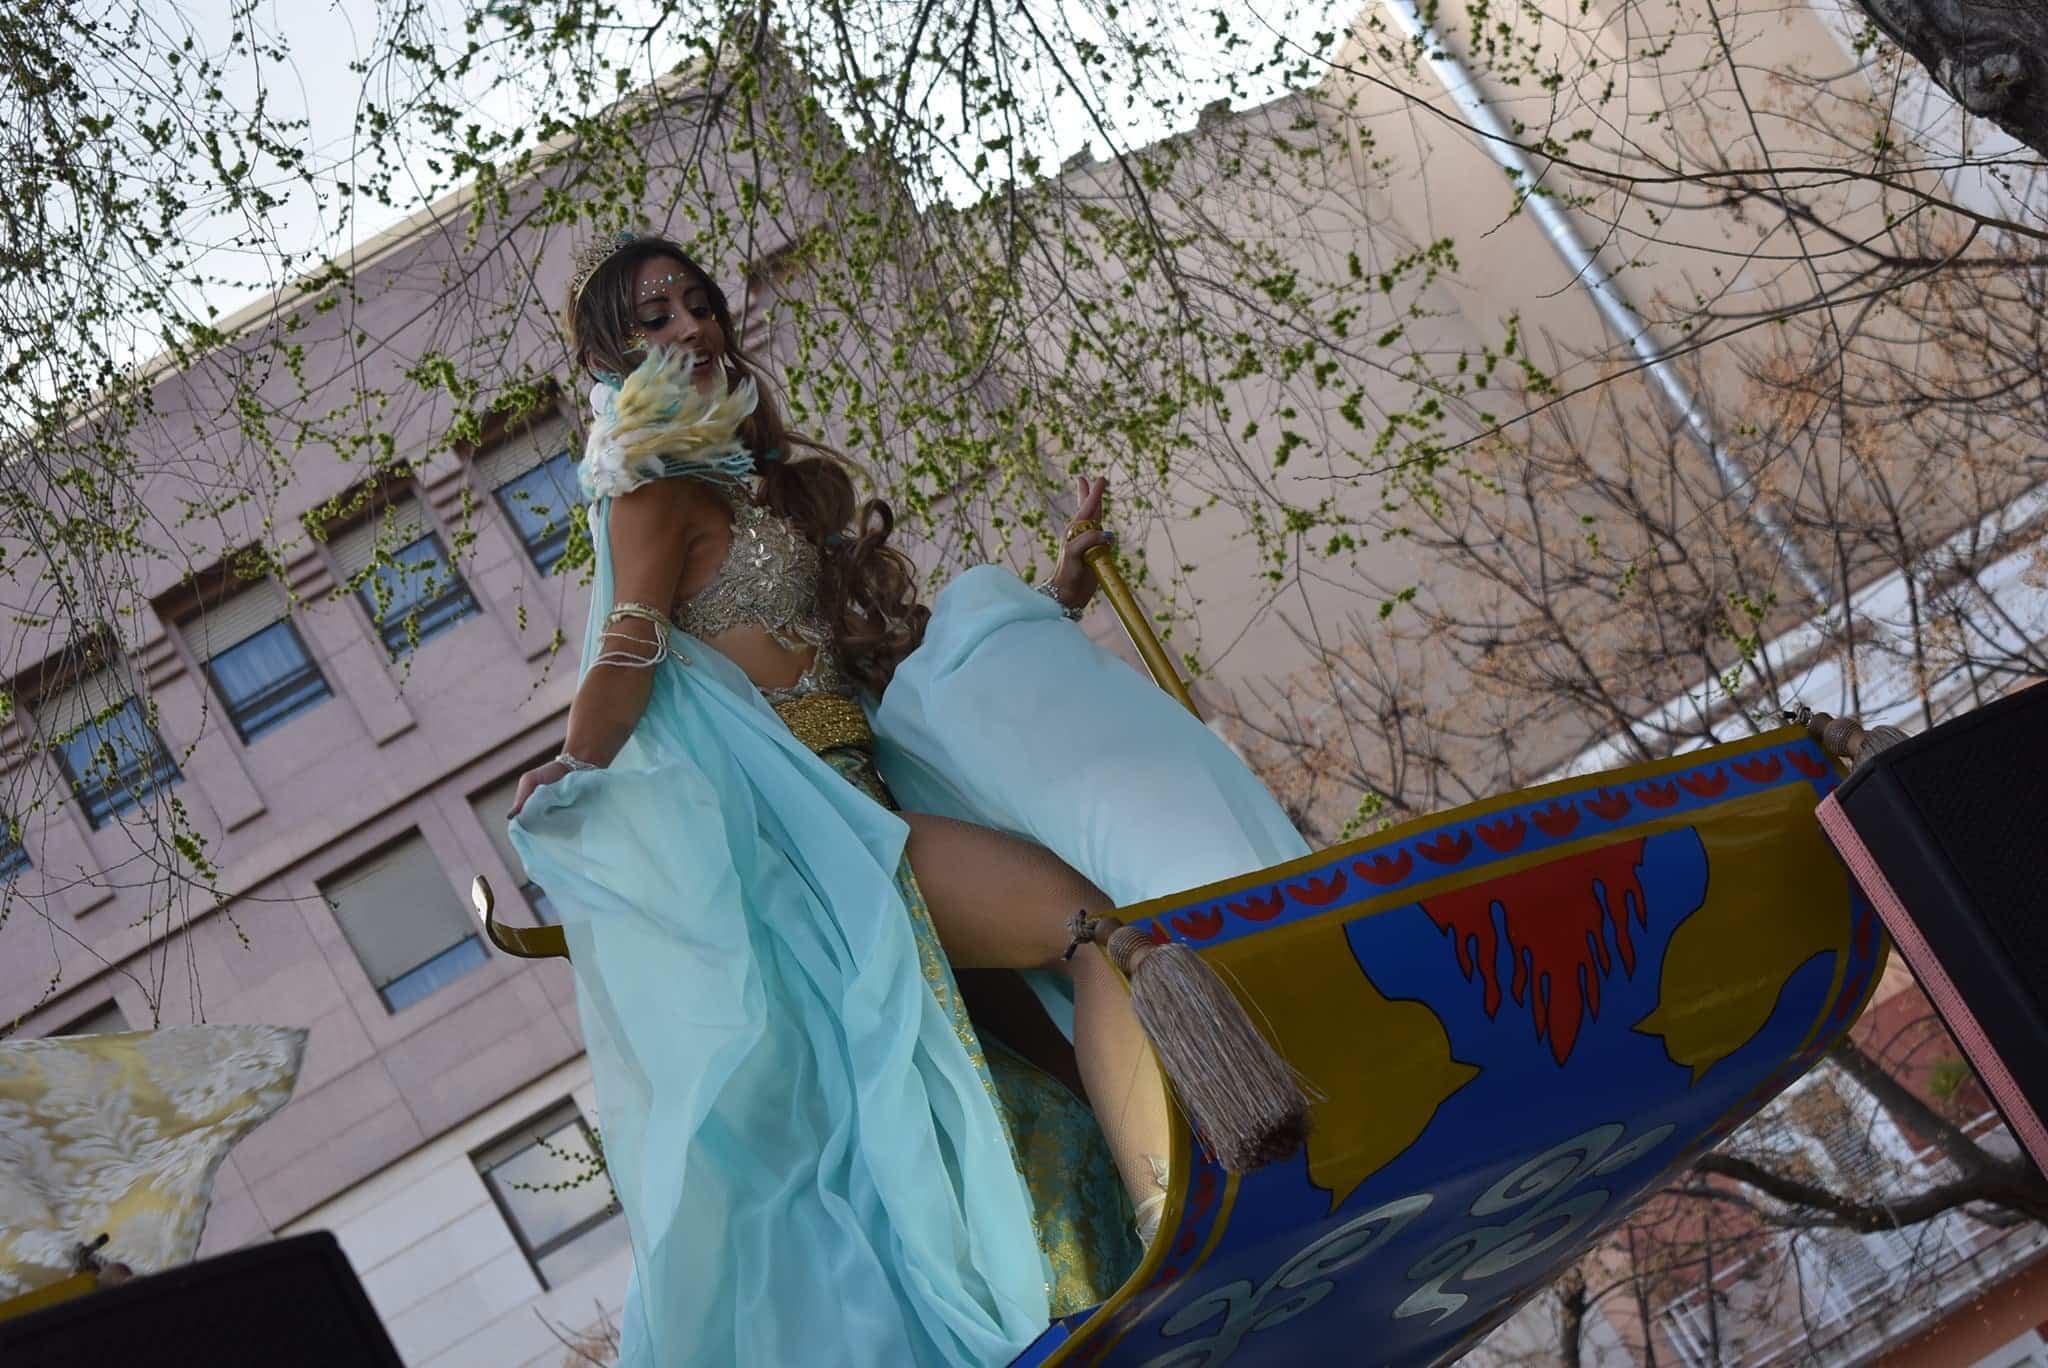 Carnaval de ciudad real 2020 axonsou arlequin oro herencia 10 - Axonsou se lleva el Arlequín de Oro en Ciudad Real